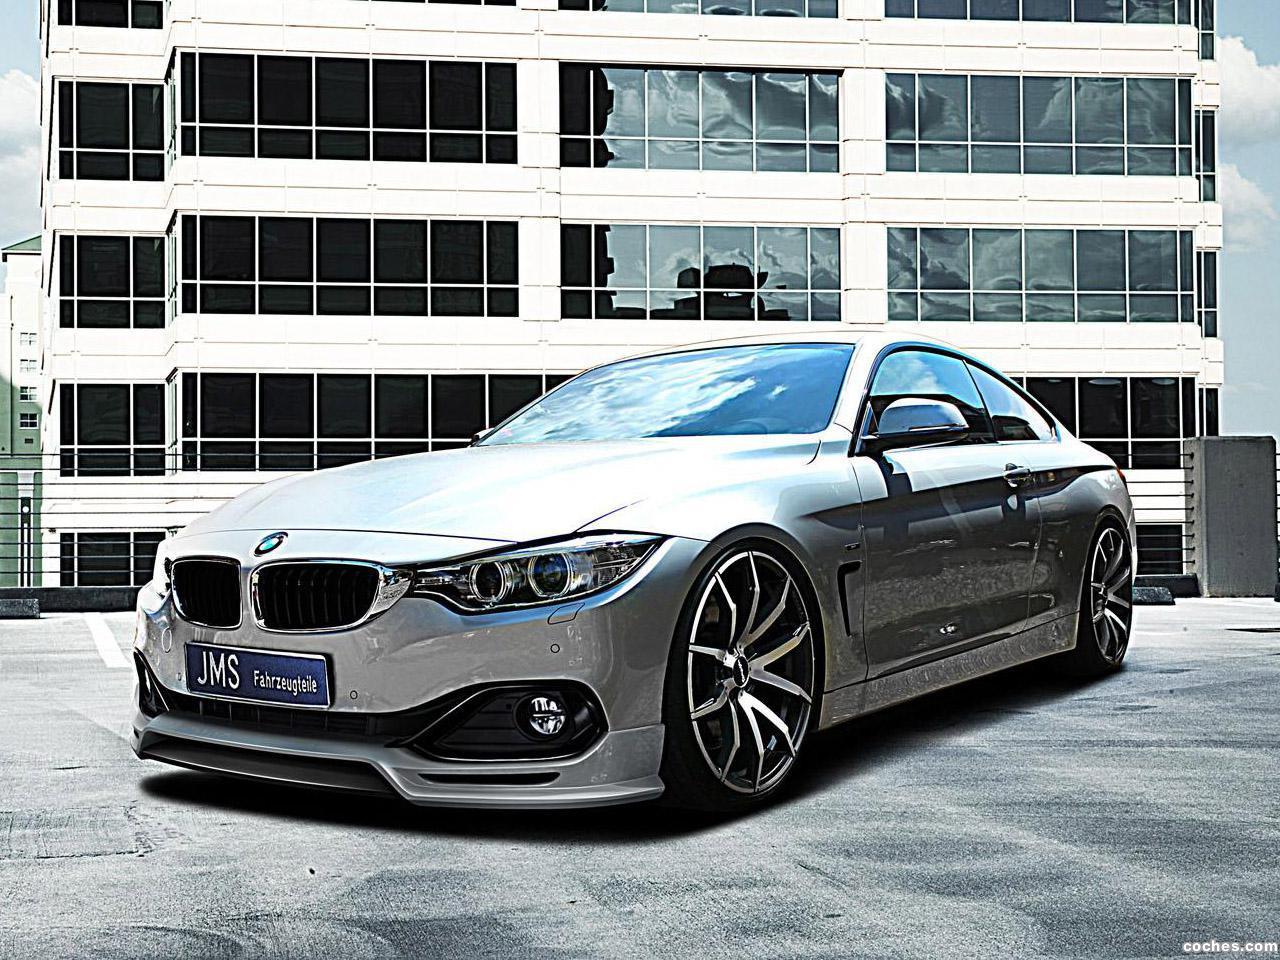 Foto 0 de BMW JMS-Racelook BMW Serie 4 2014